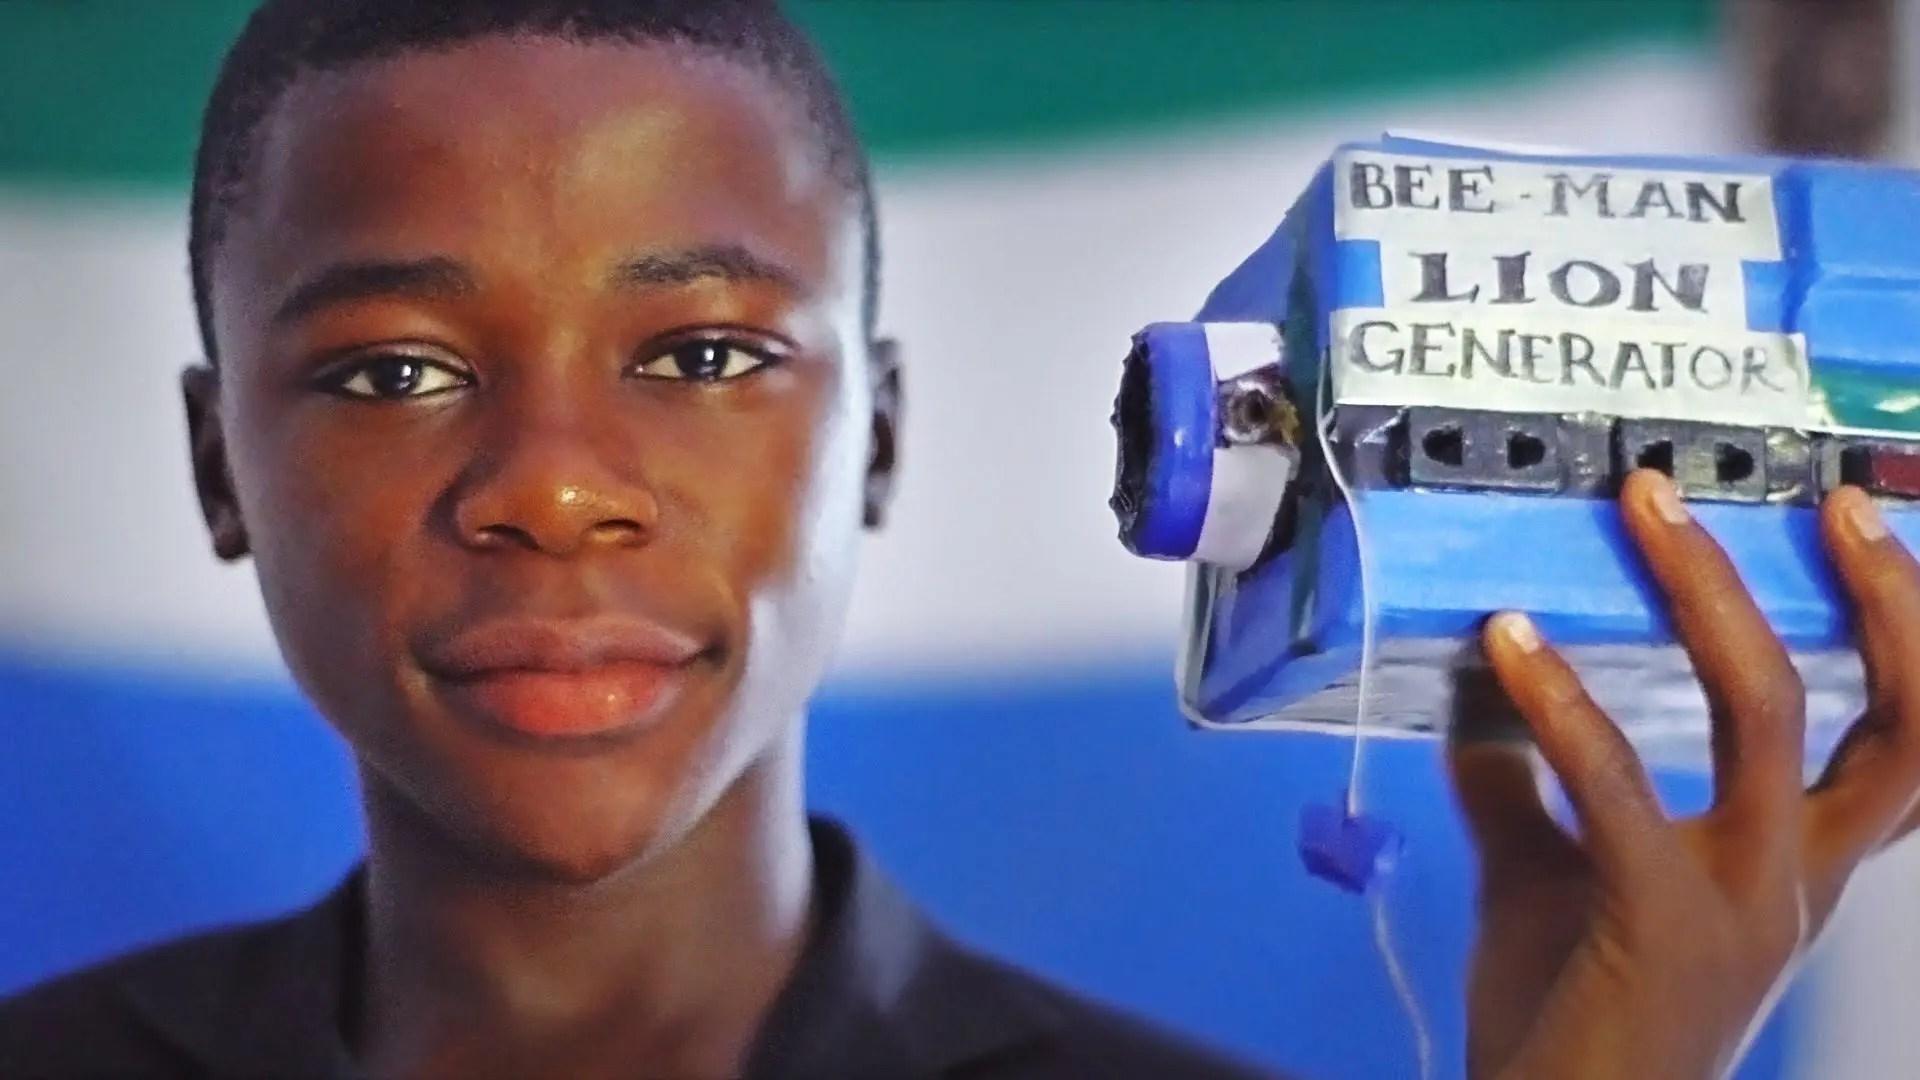 African inventors